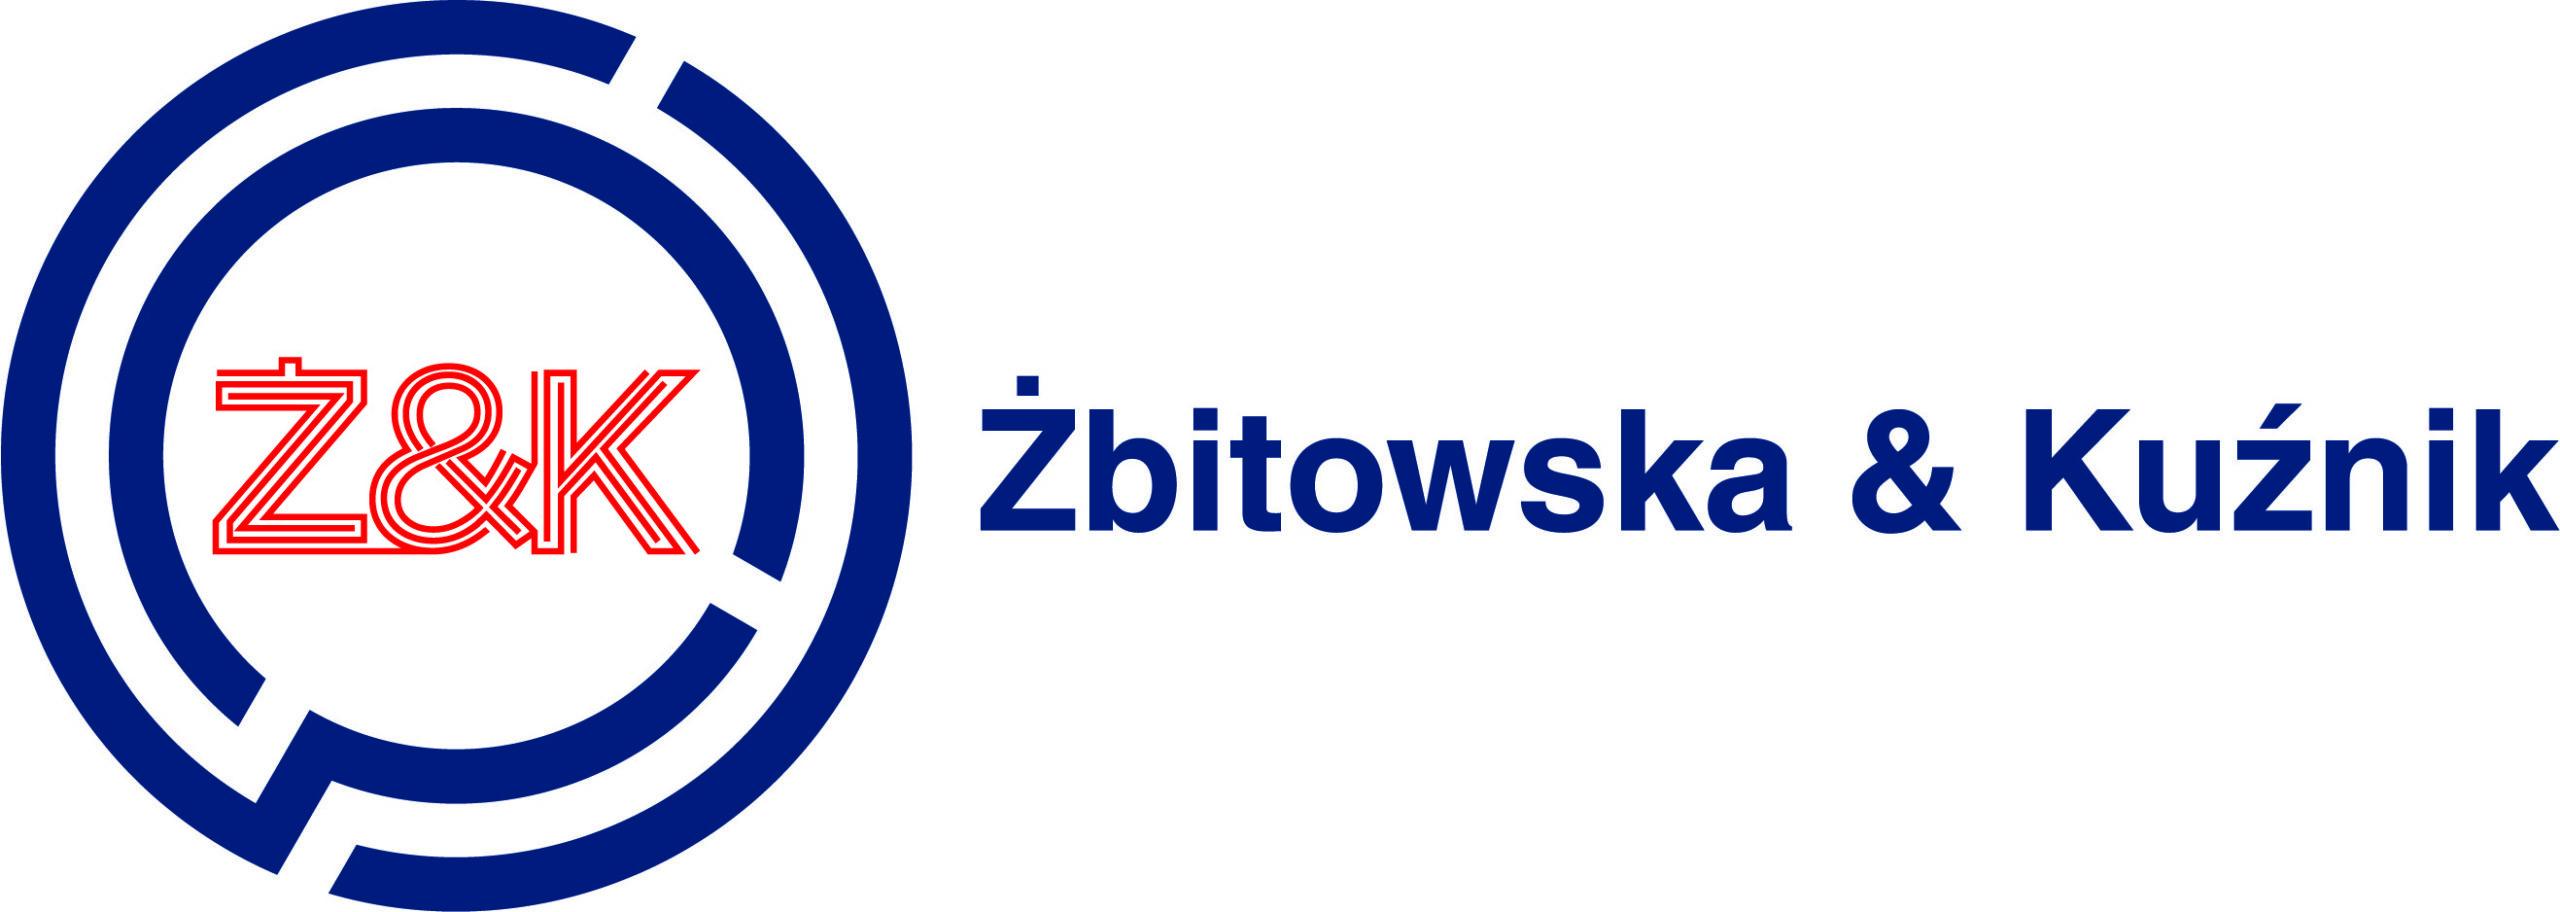 firma czlonkowska